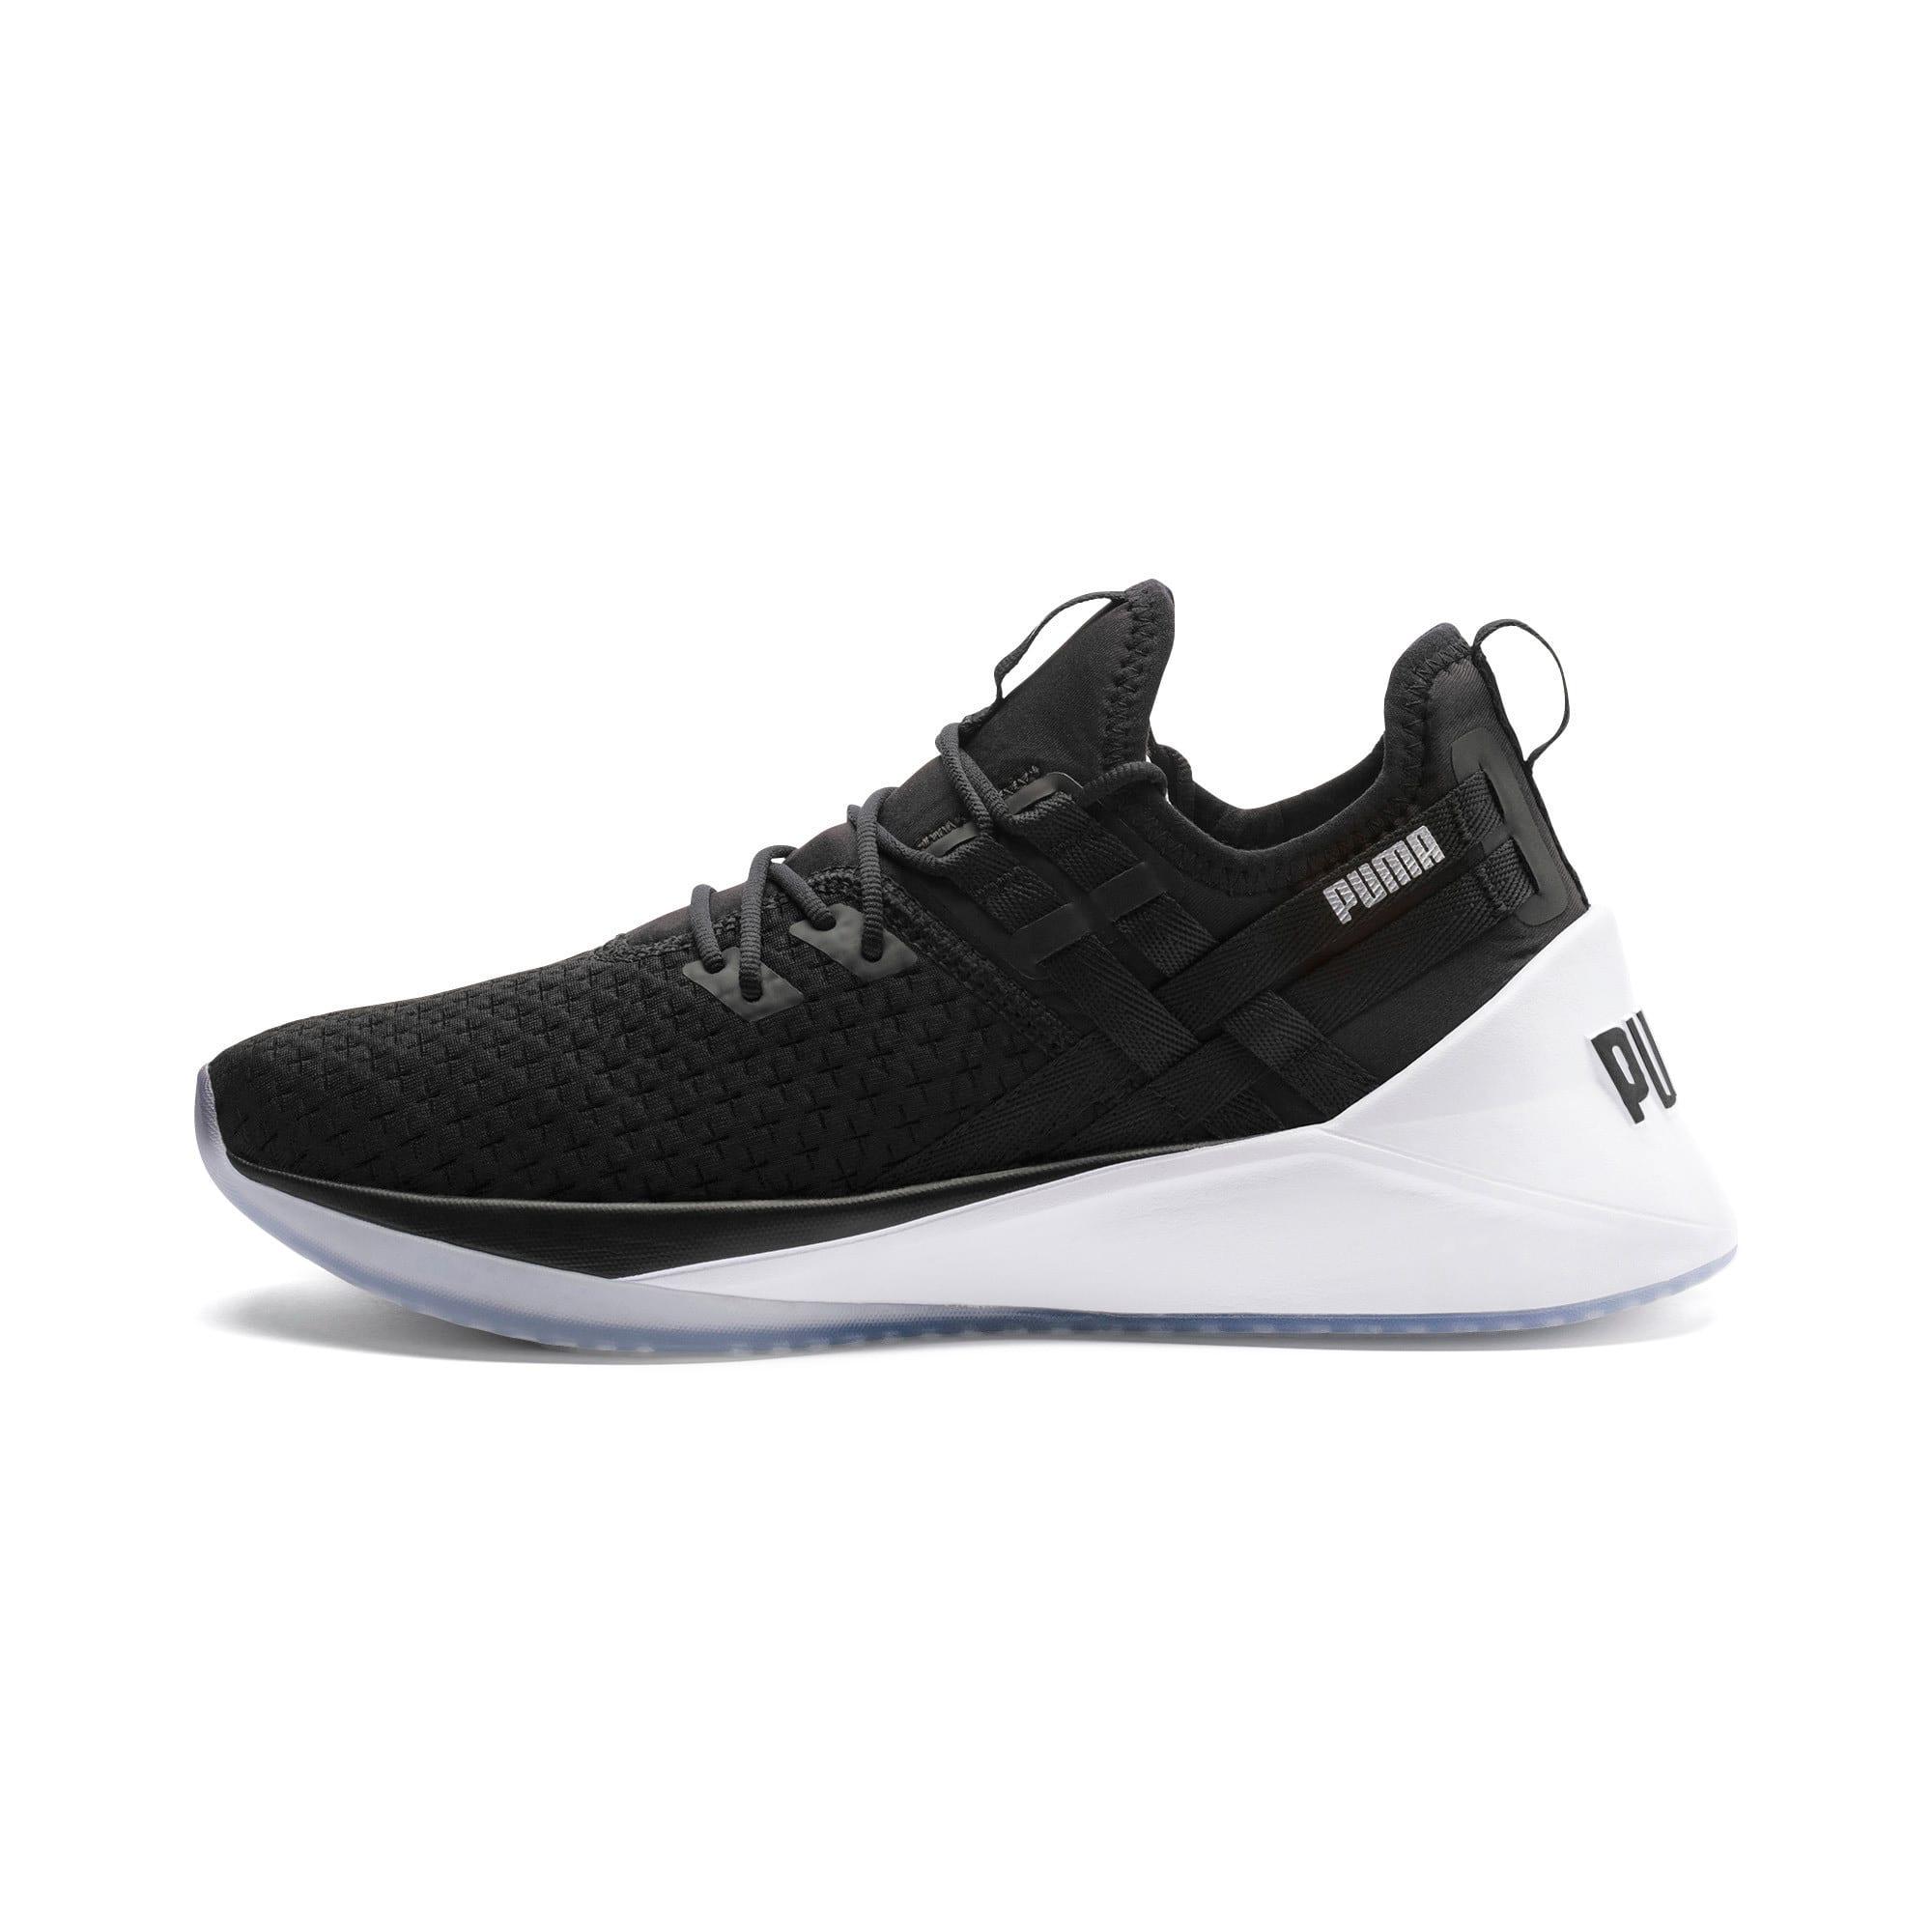 doppelter gutschein heißer verkauf authentisch laest technology Jaab XT Women's Training Shoes